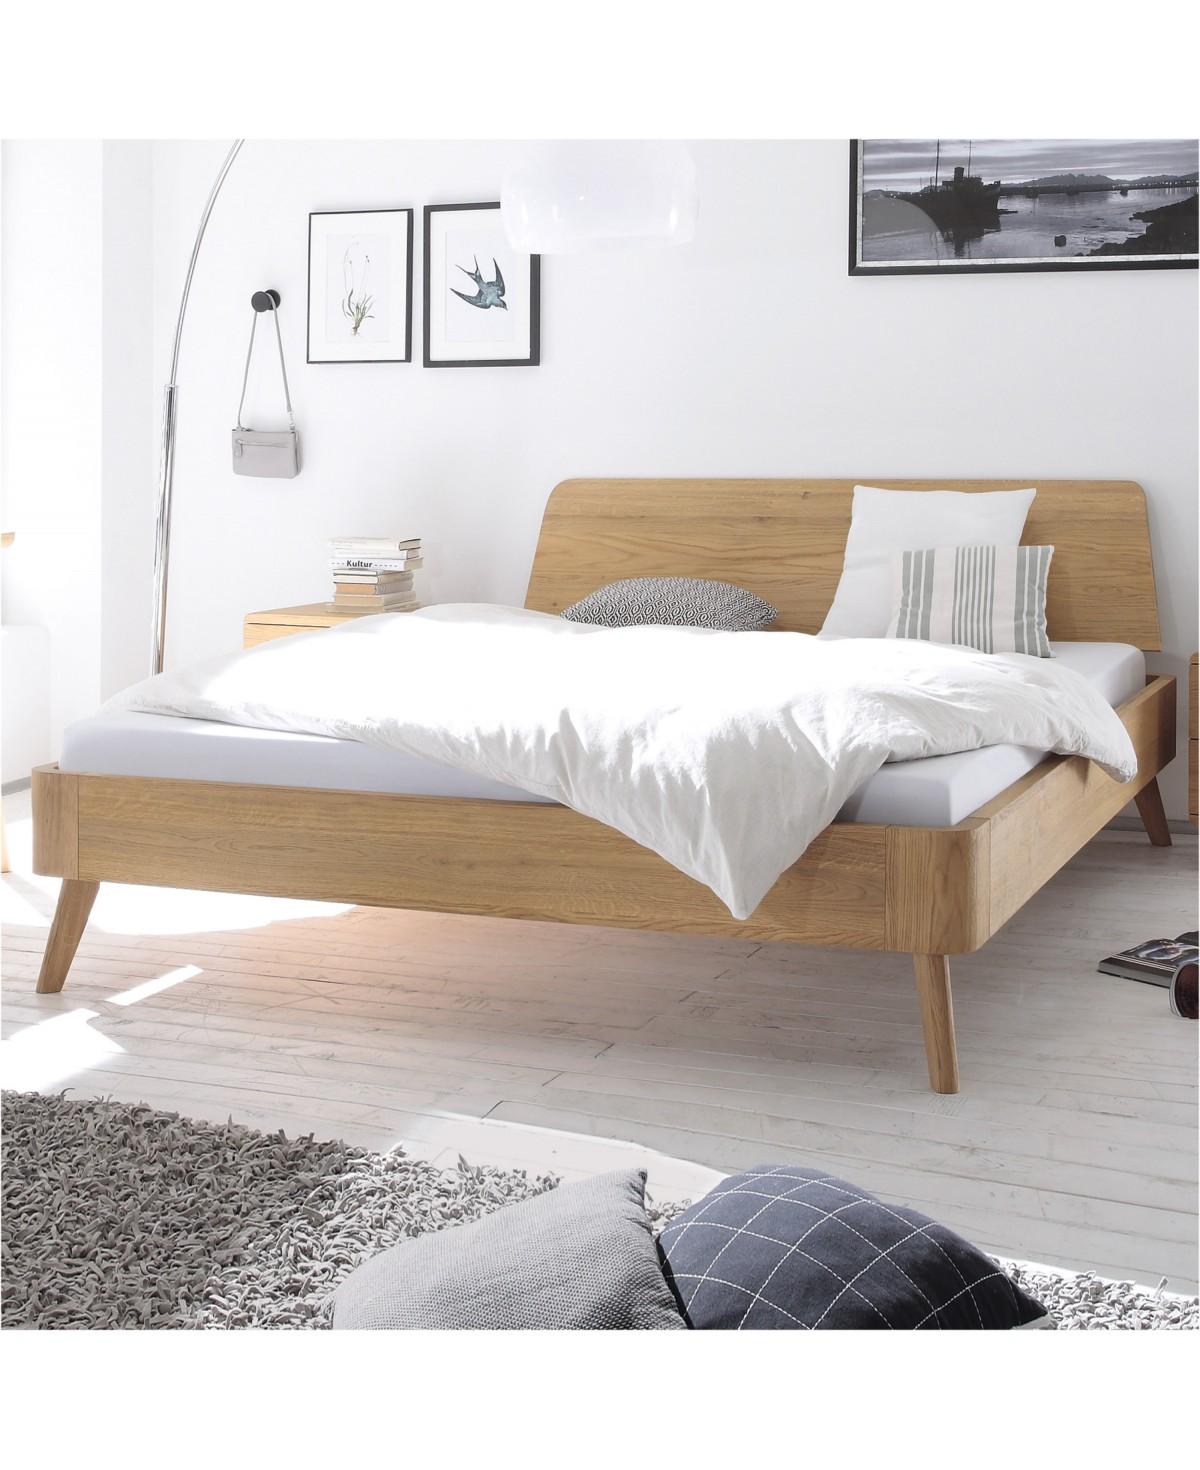 Full Size of Hasena Oak Bianco Eiche Bett Masito 25 Kopfteil Edda 120x200 Luxus Betten 180x200 Günstige 140x200 200x220 Bei Ikea Hohe Paradies Mit Aufbewahrung Ottoversand Bett Betten 120x200